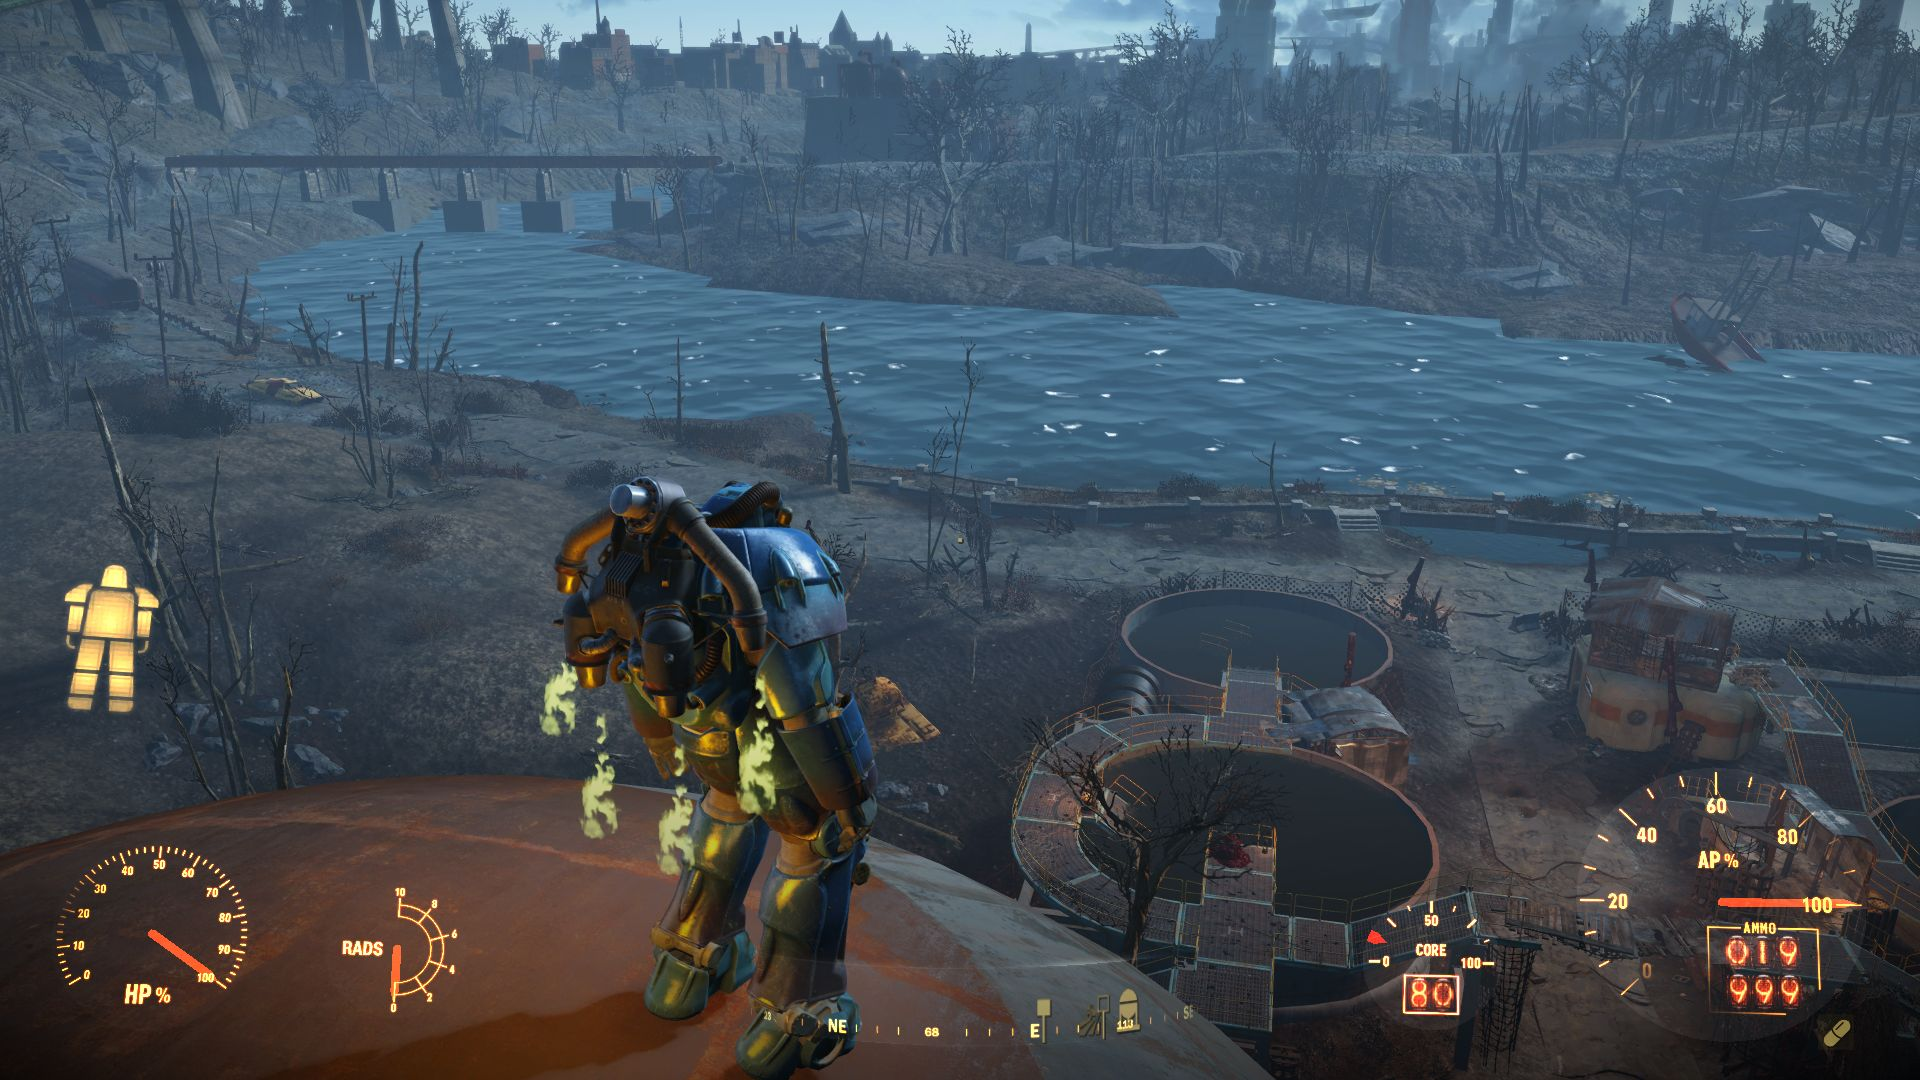 Прекрасный вид, сопла горят, героиня смотрит вдаль :) - Fallout 4 баг, высота, героиня, Квант, красивый вид, ранец для полетов, силовая броня, содружество